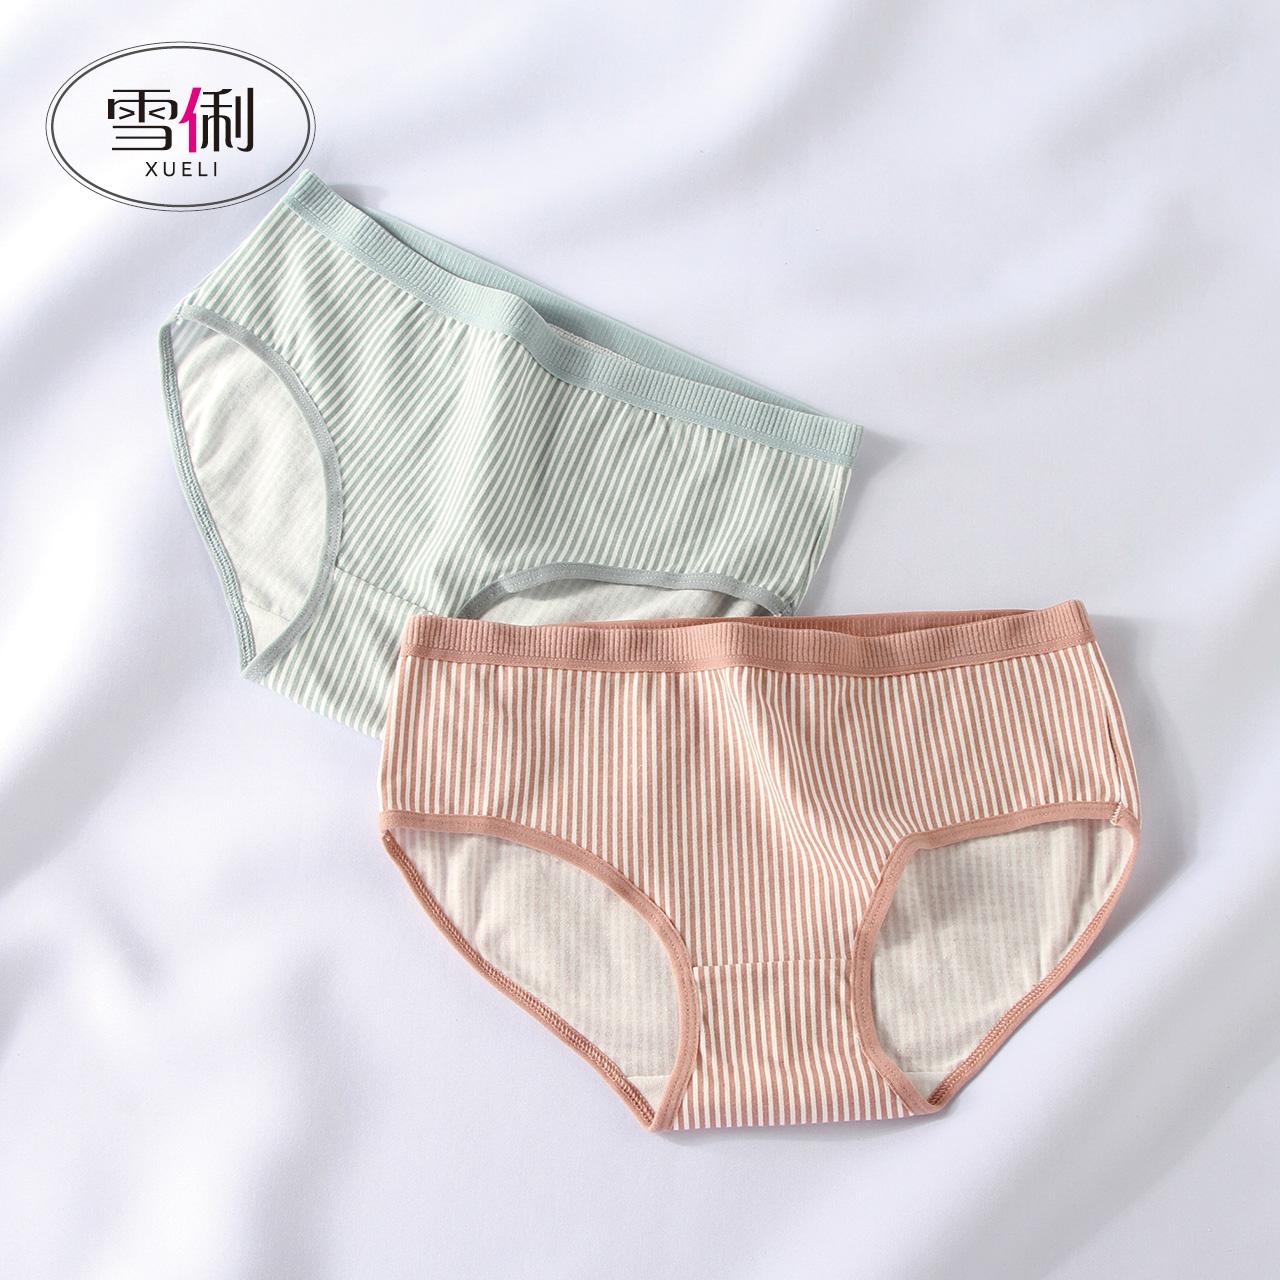 雪俐 春夏时尚少女风日系新款女士三角内裤 5条装